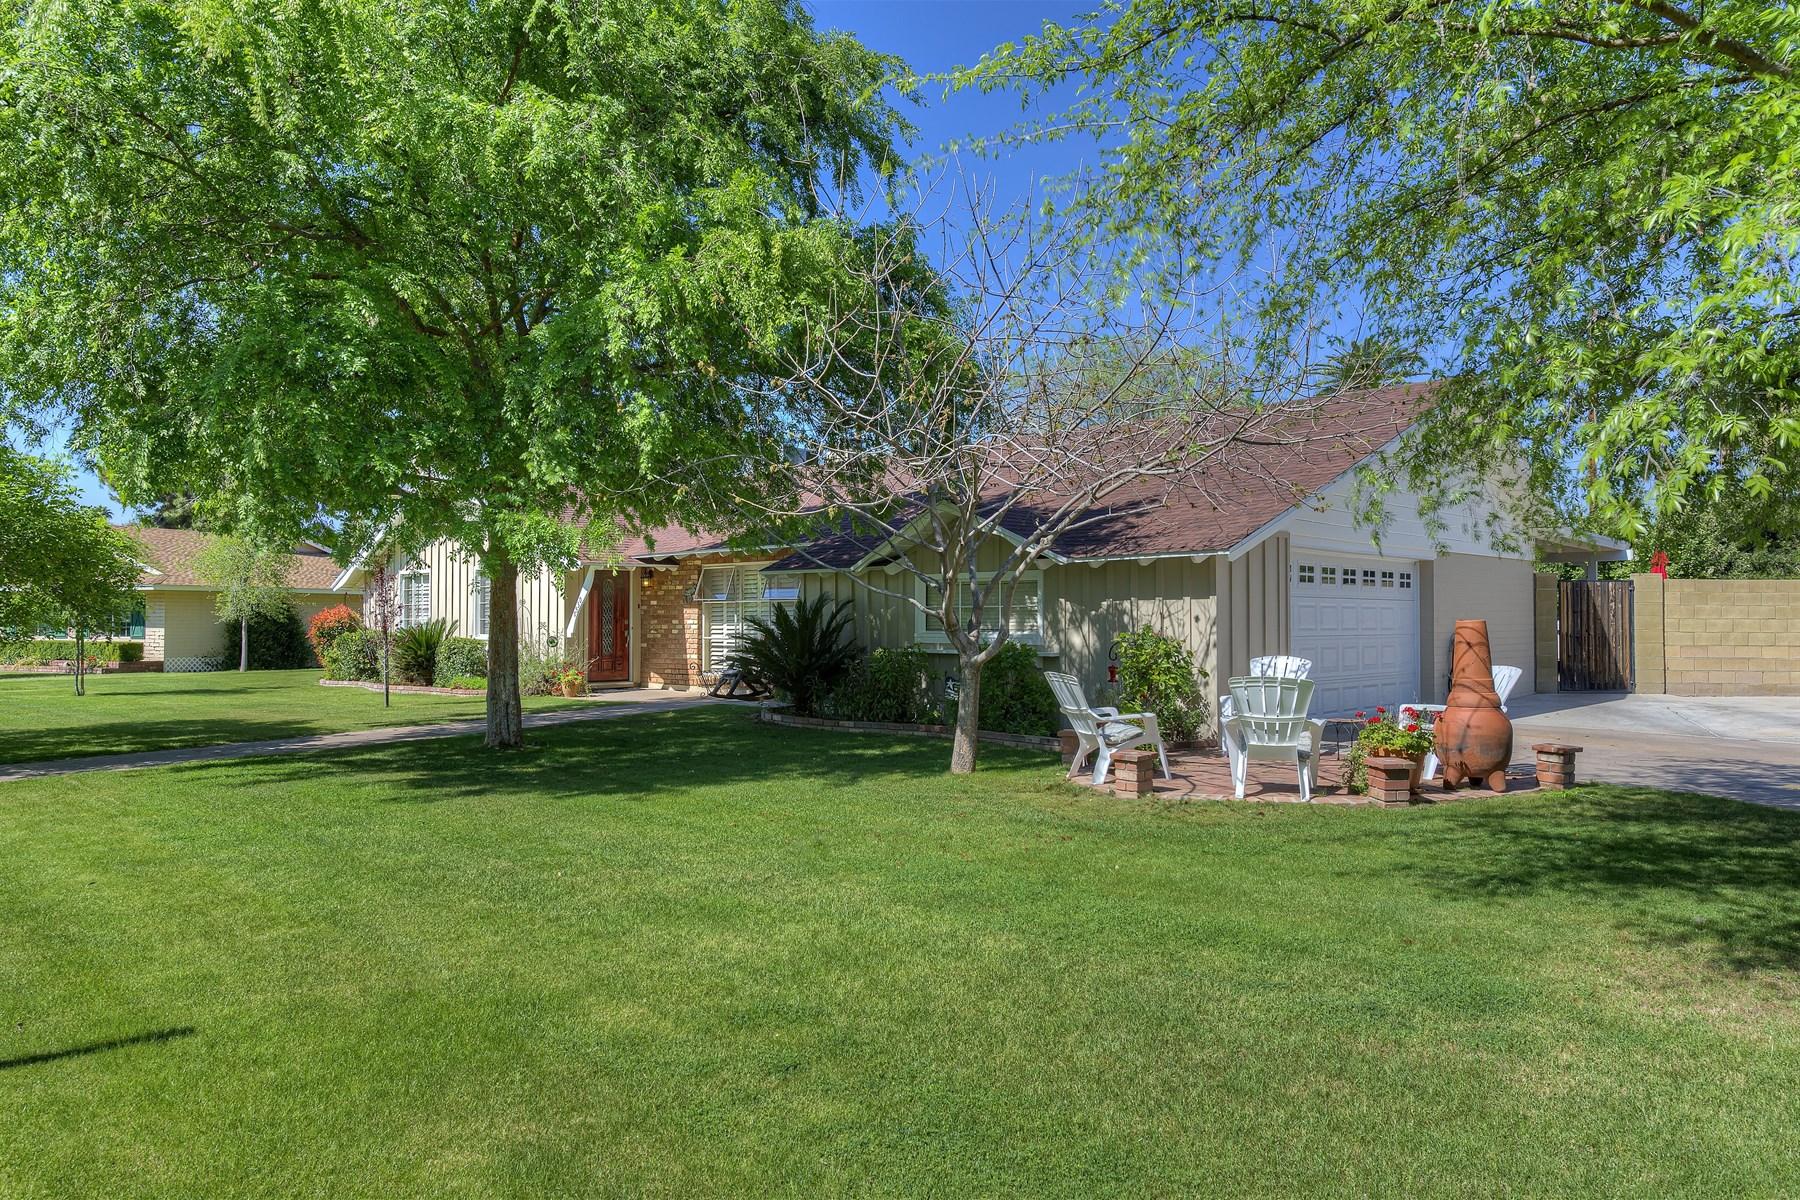 Casa para uma família para Venda às Charming 4 Bedroom 2 Bath North Central Phoenix Home in Westwind Estates 7530 N 13th Ave Phoenix, Arizona 85021 Estados Unidos